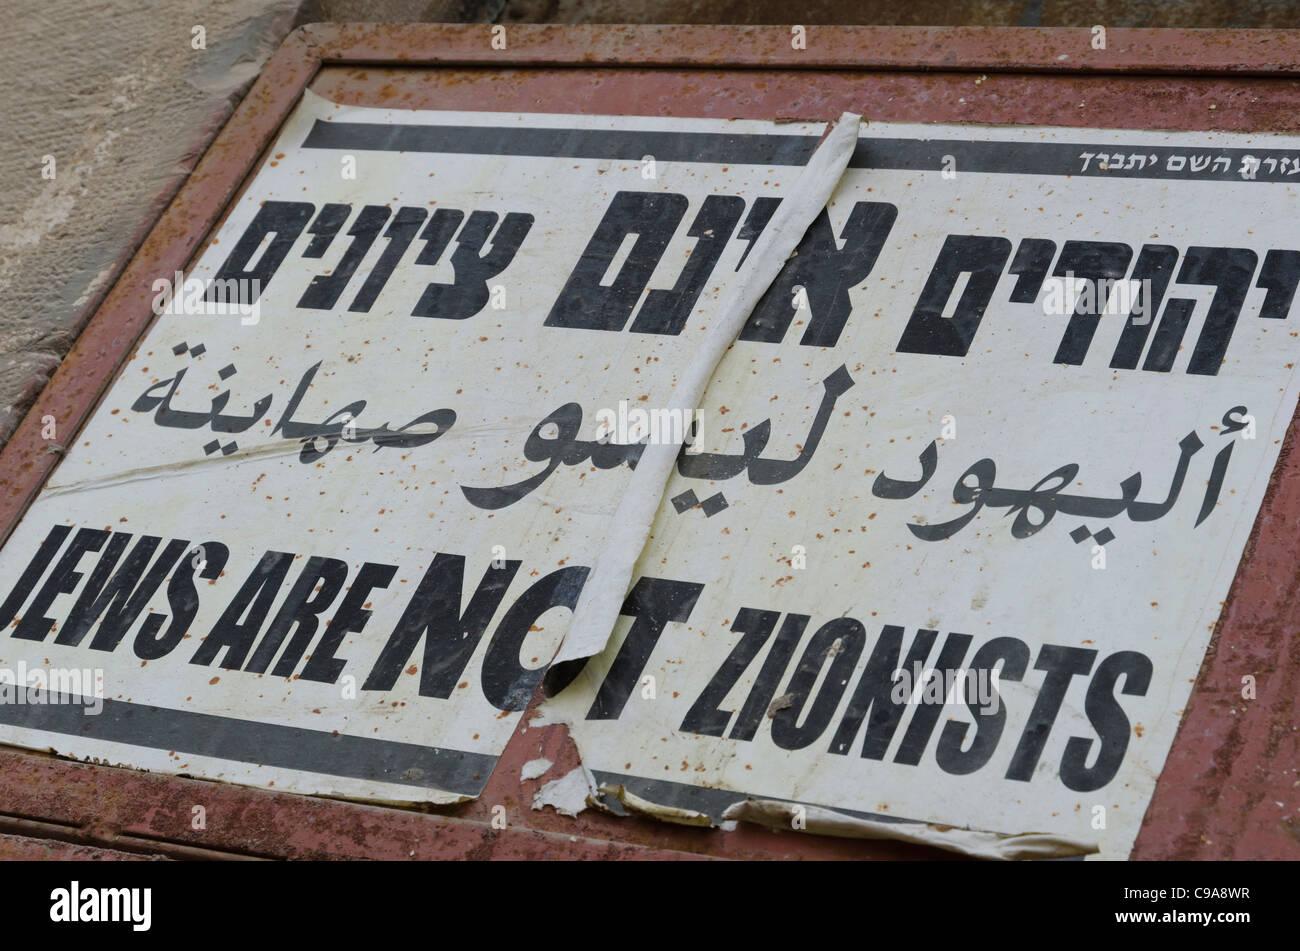 Was Sind Zionisten